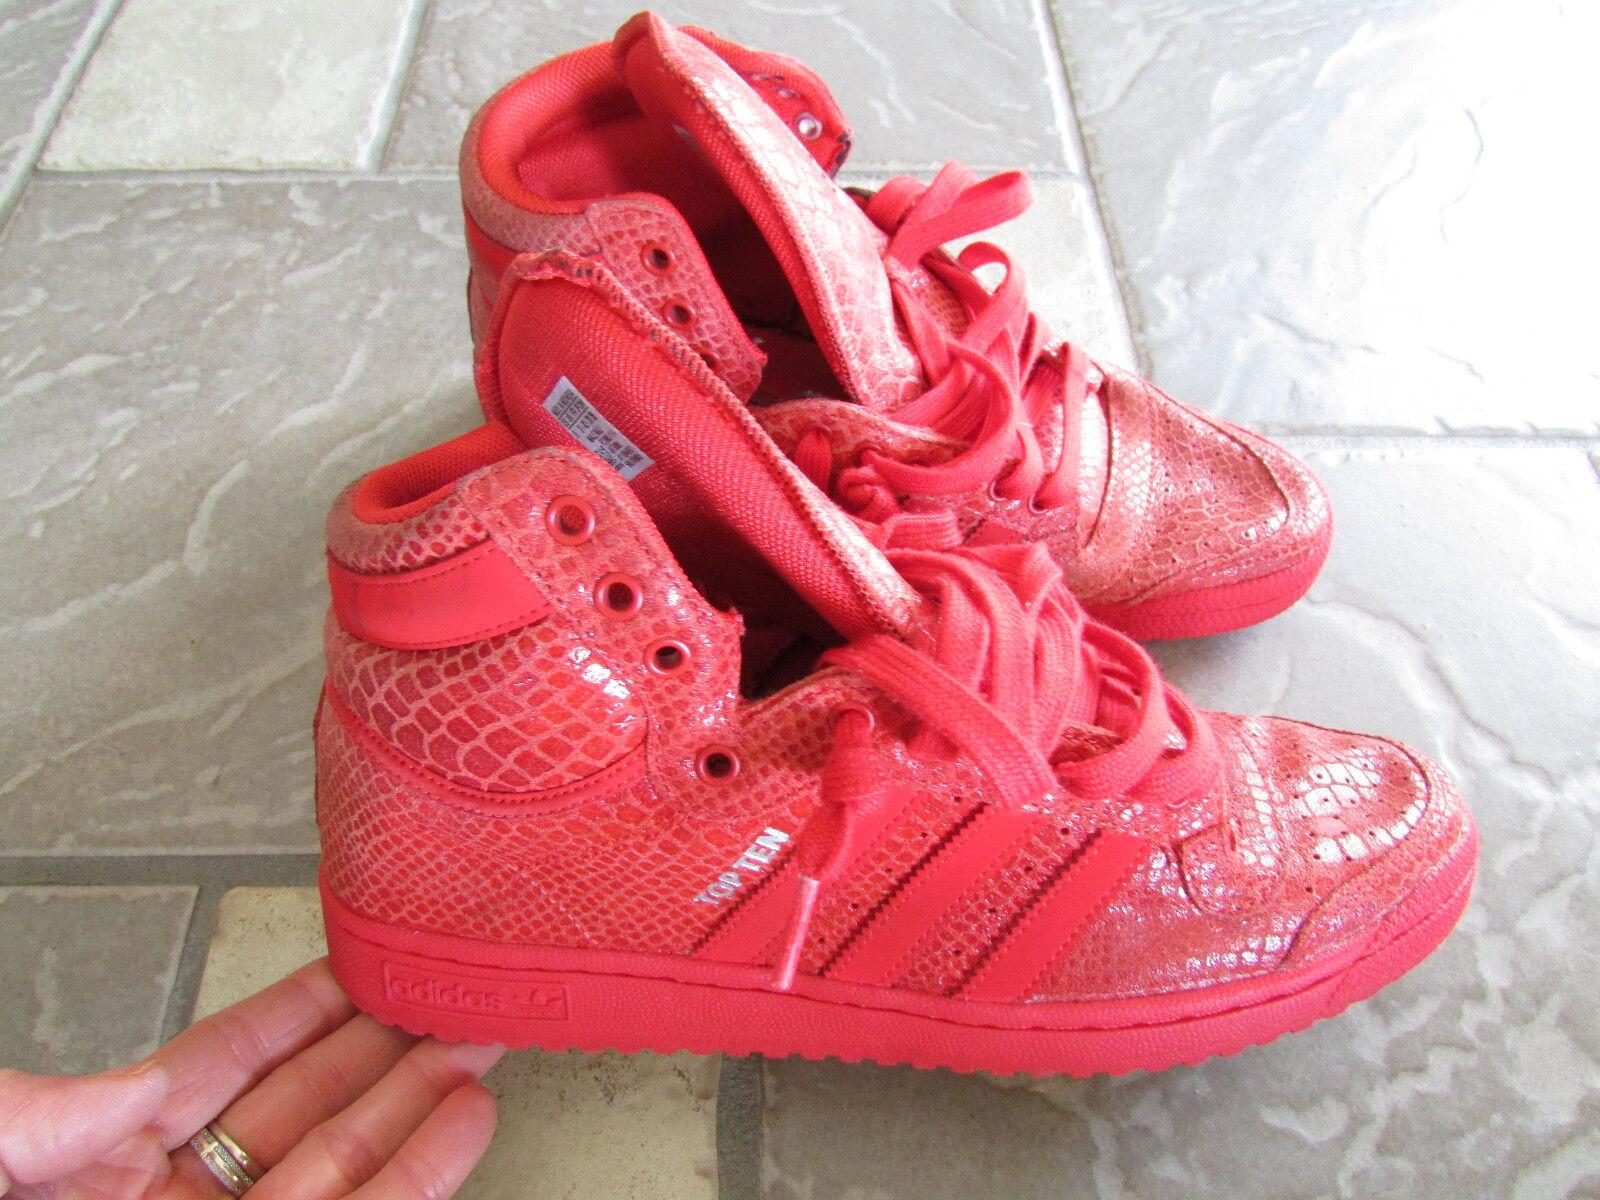 Adidas dieci scarpe red metro atteggiamento scarpe scarpe dieci Uomo 9 s85681 libera la nave 458199